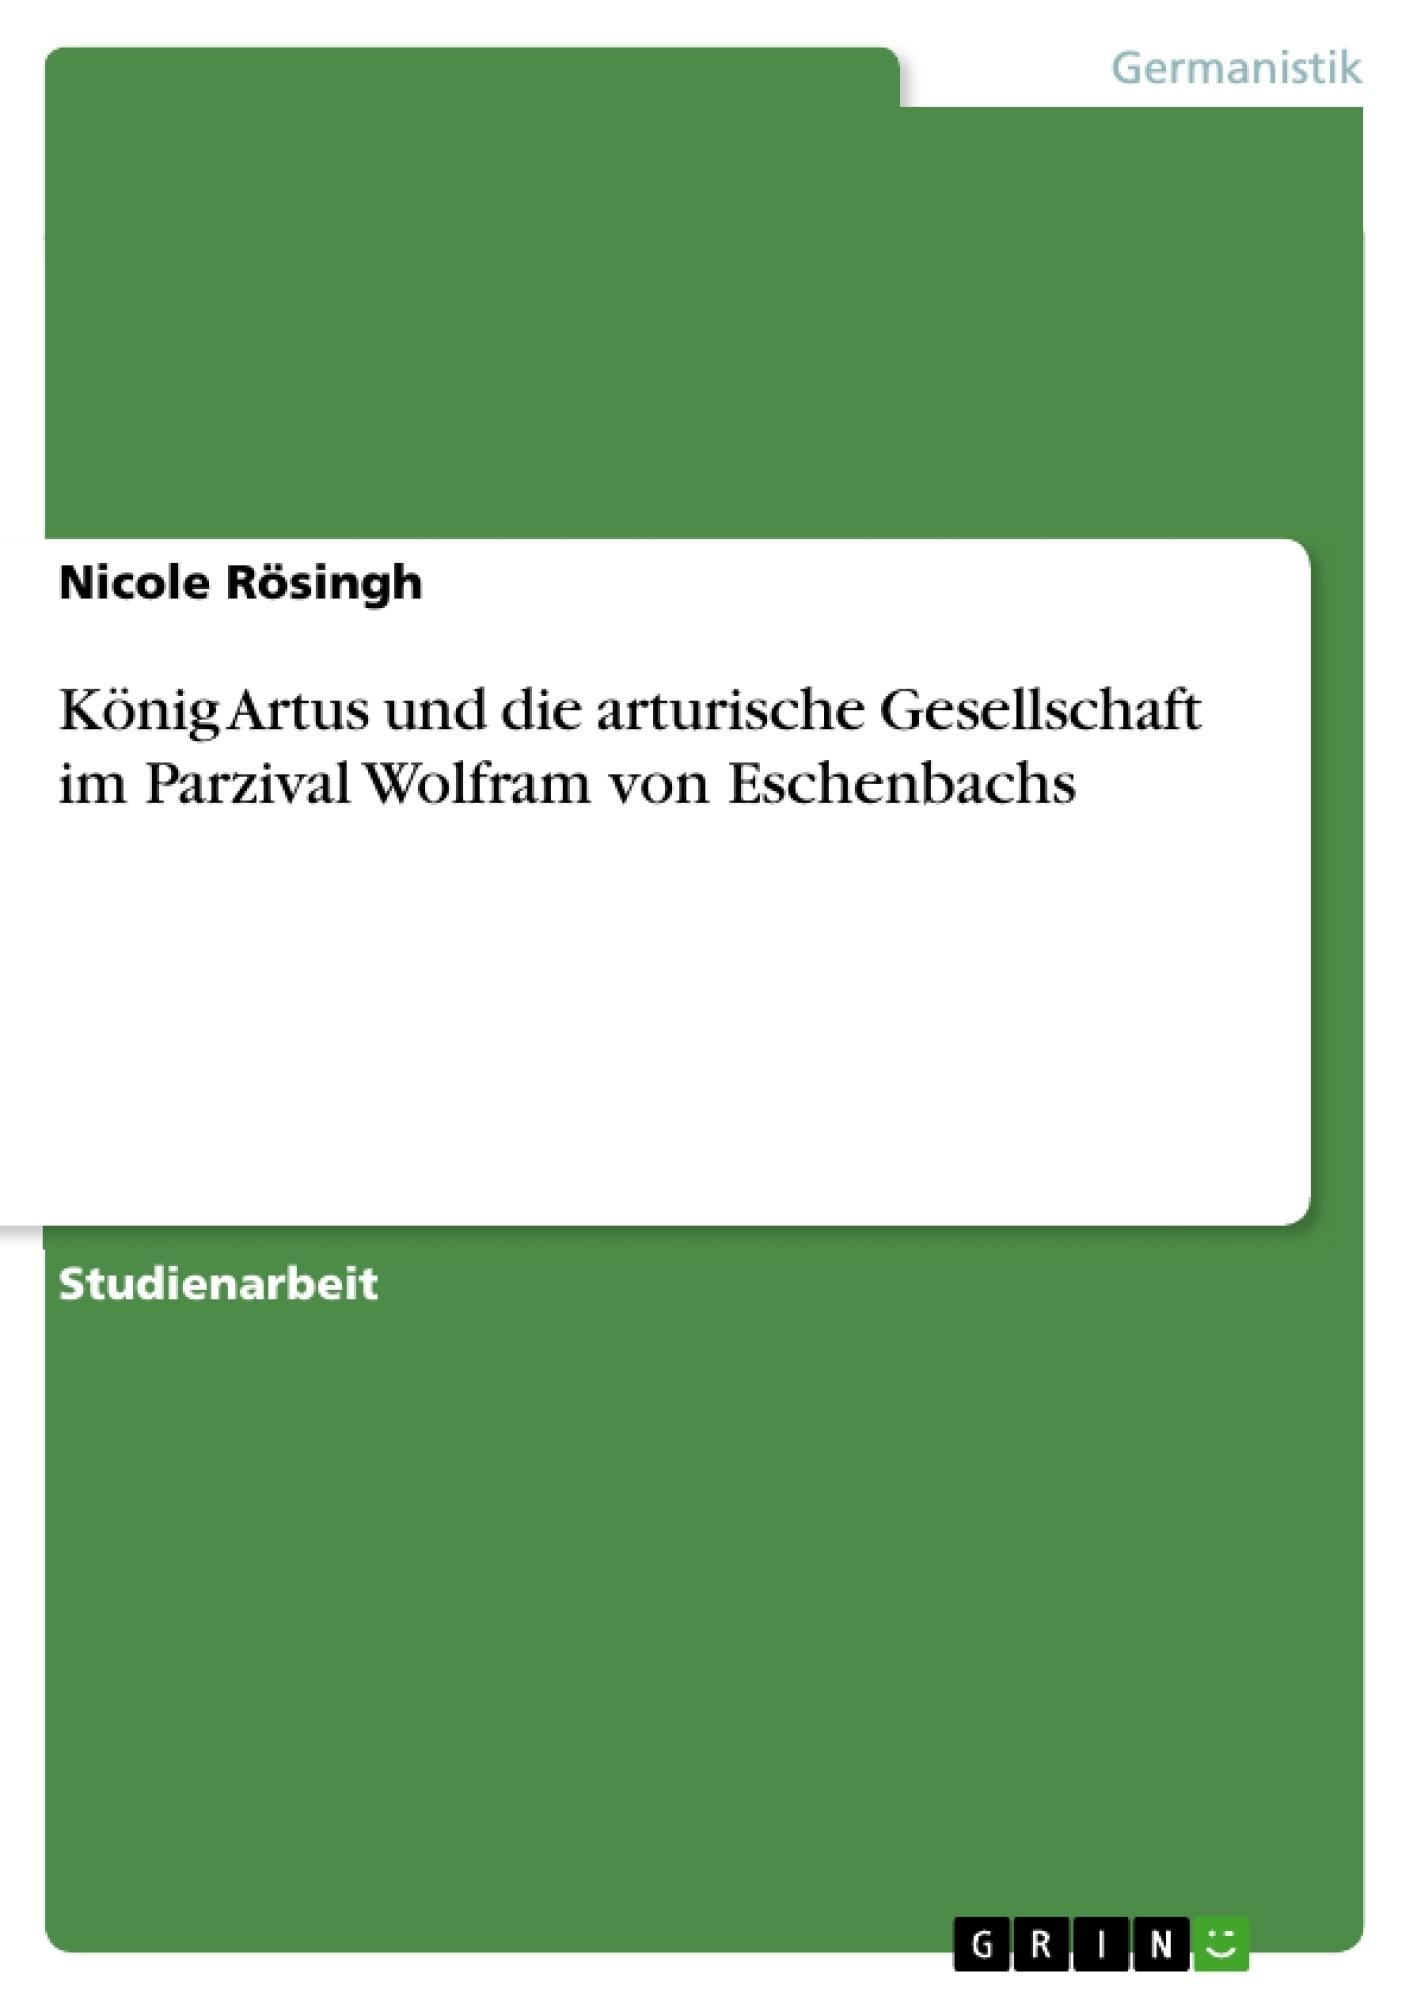 Titel: König Artus und die arturische Gesellschaft im Parzival Wolfram von Eschenbachs